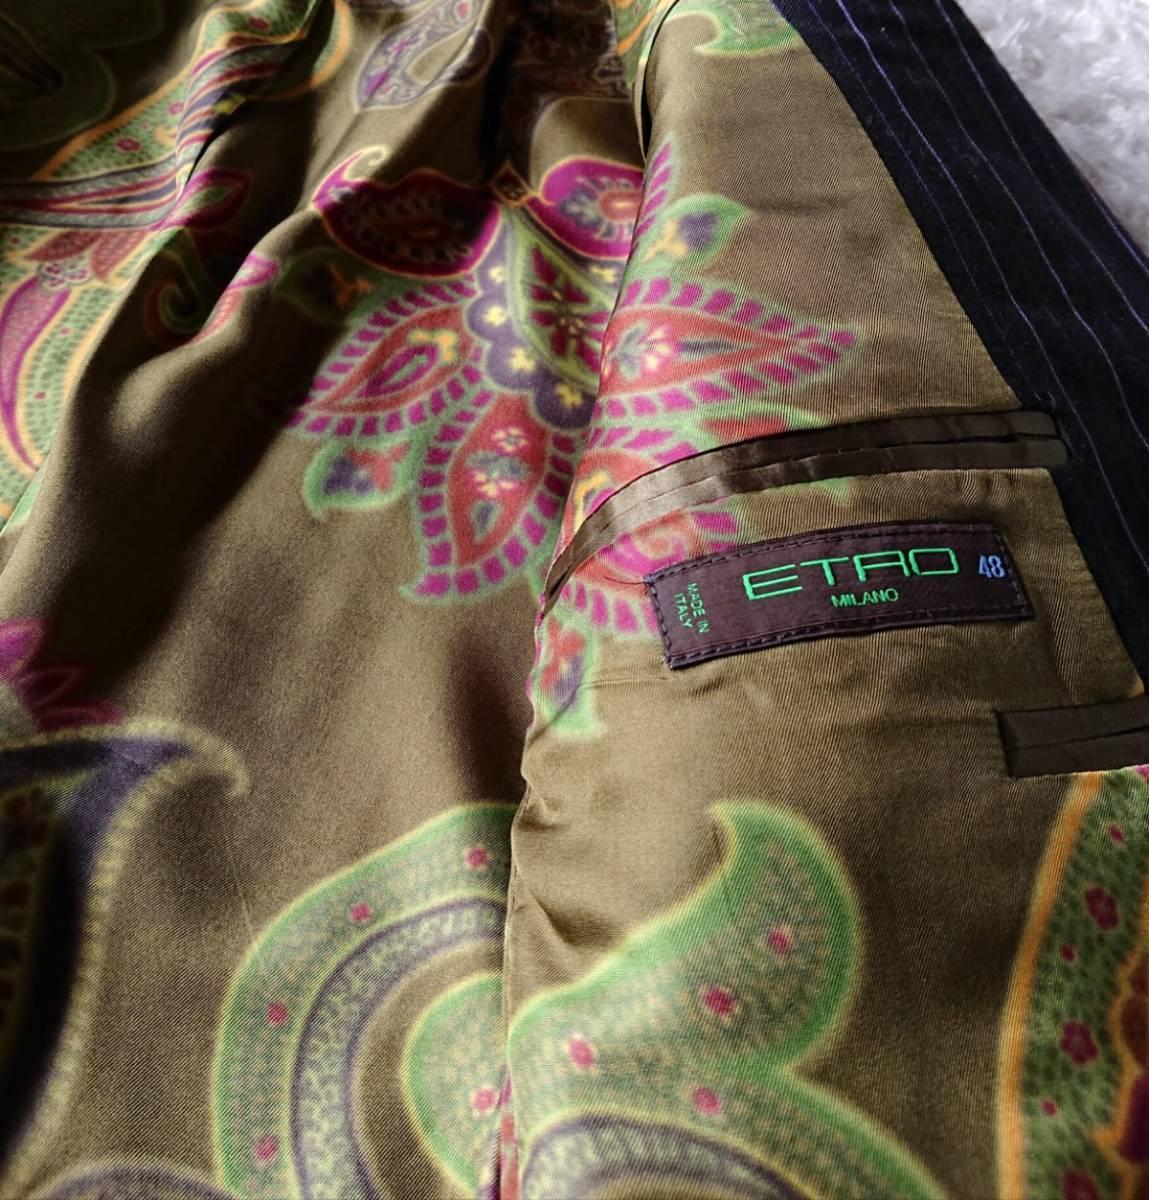 美品 ETRO Milano ラグジュアリー×ペイズリー柄 極上な風合い 襟裏豪華『釦英文字ロゴ入』★ エトロ スーツ セットアップ メンズ ビジネス_画像9